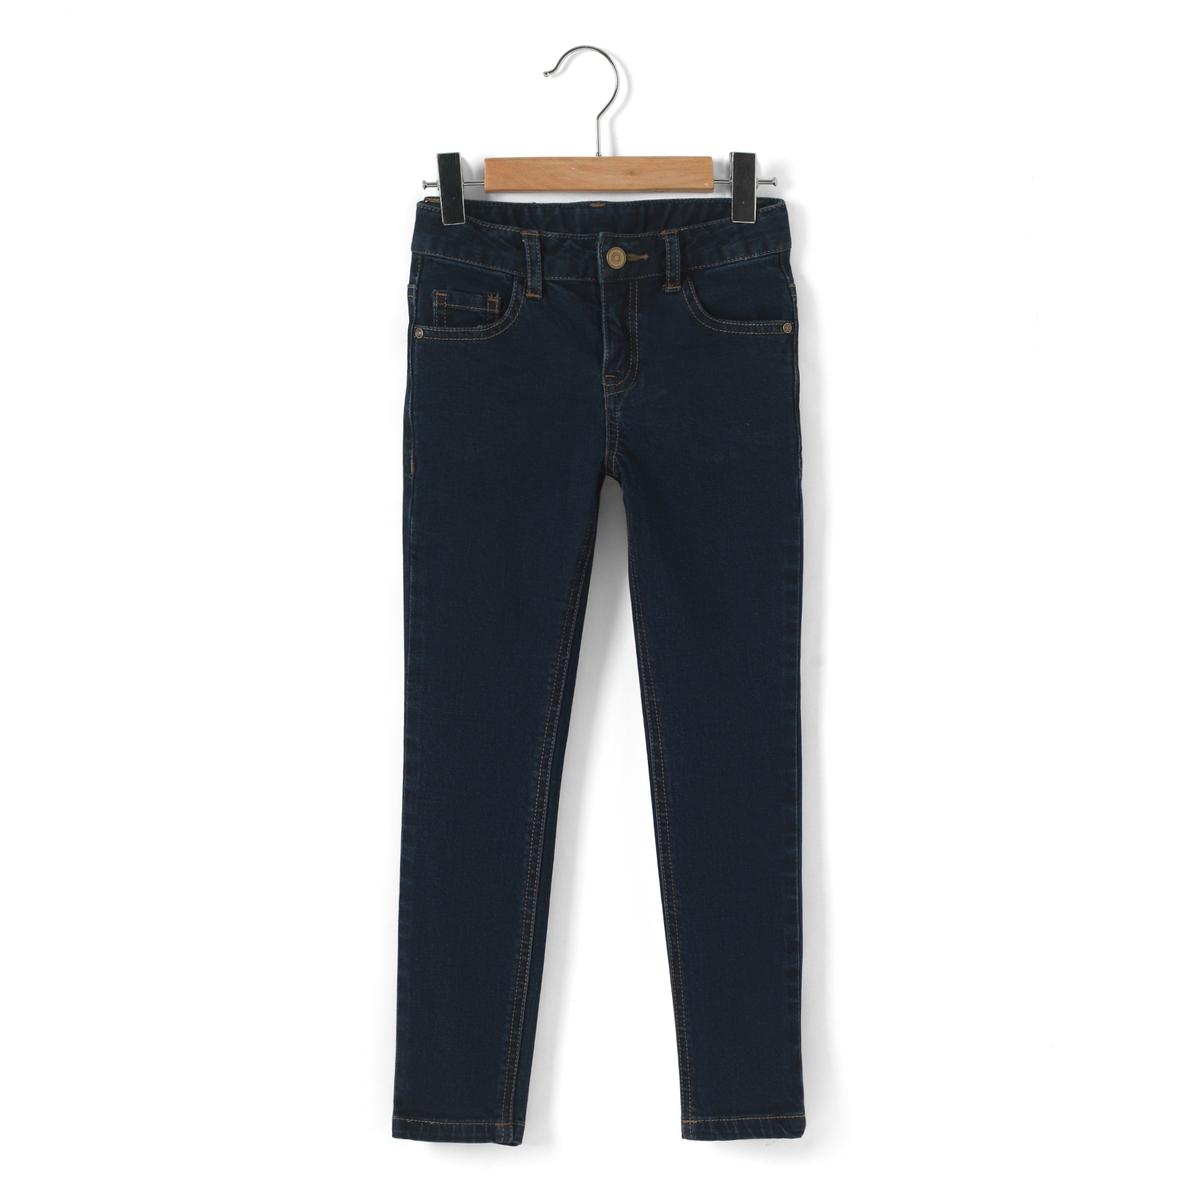 Джинсы узкие, 3-12 лет джинсы boyfit 3 12 лет